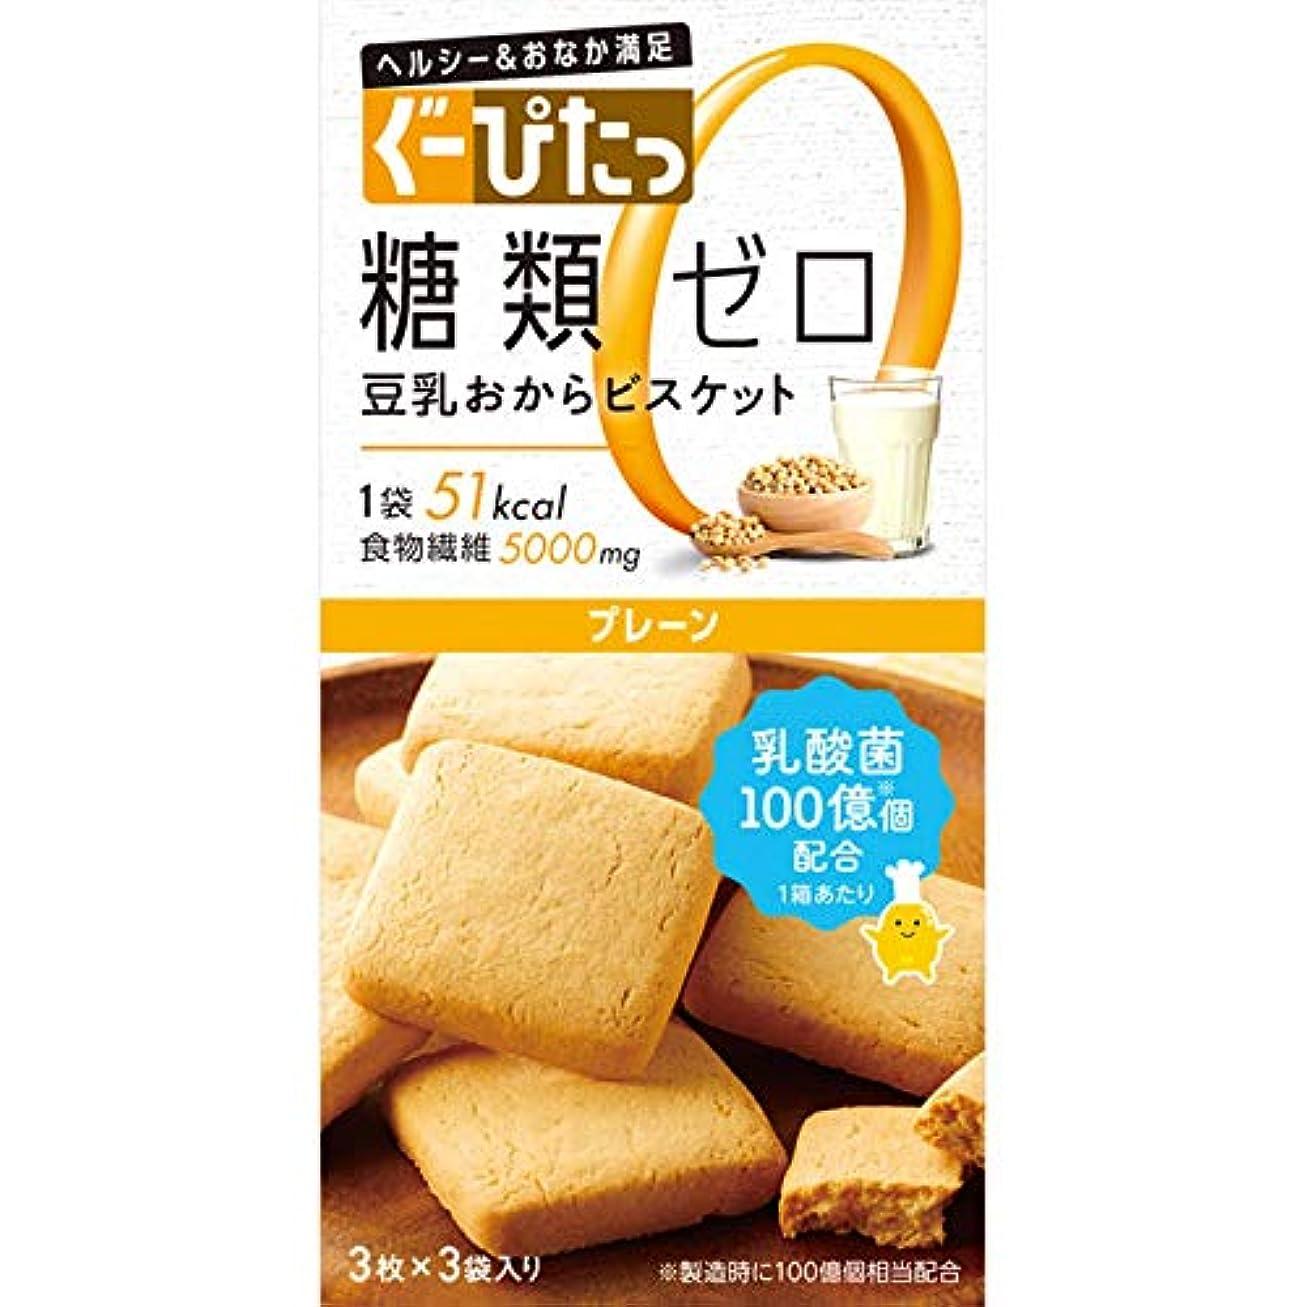 雑種聖書和らげるナリスアップ ぐーぴたっ 豆乳おからビスケット プレーン (3枚×3袋) ダイエット食品